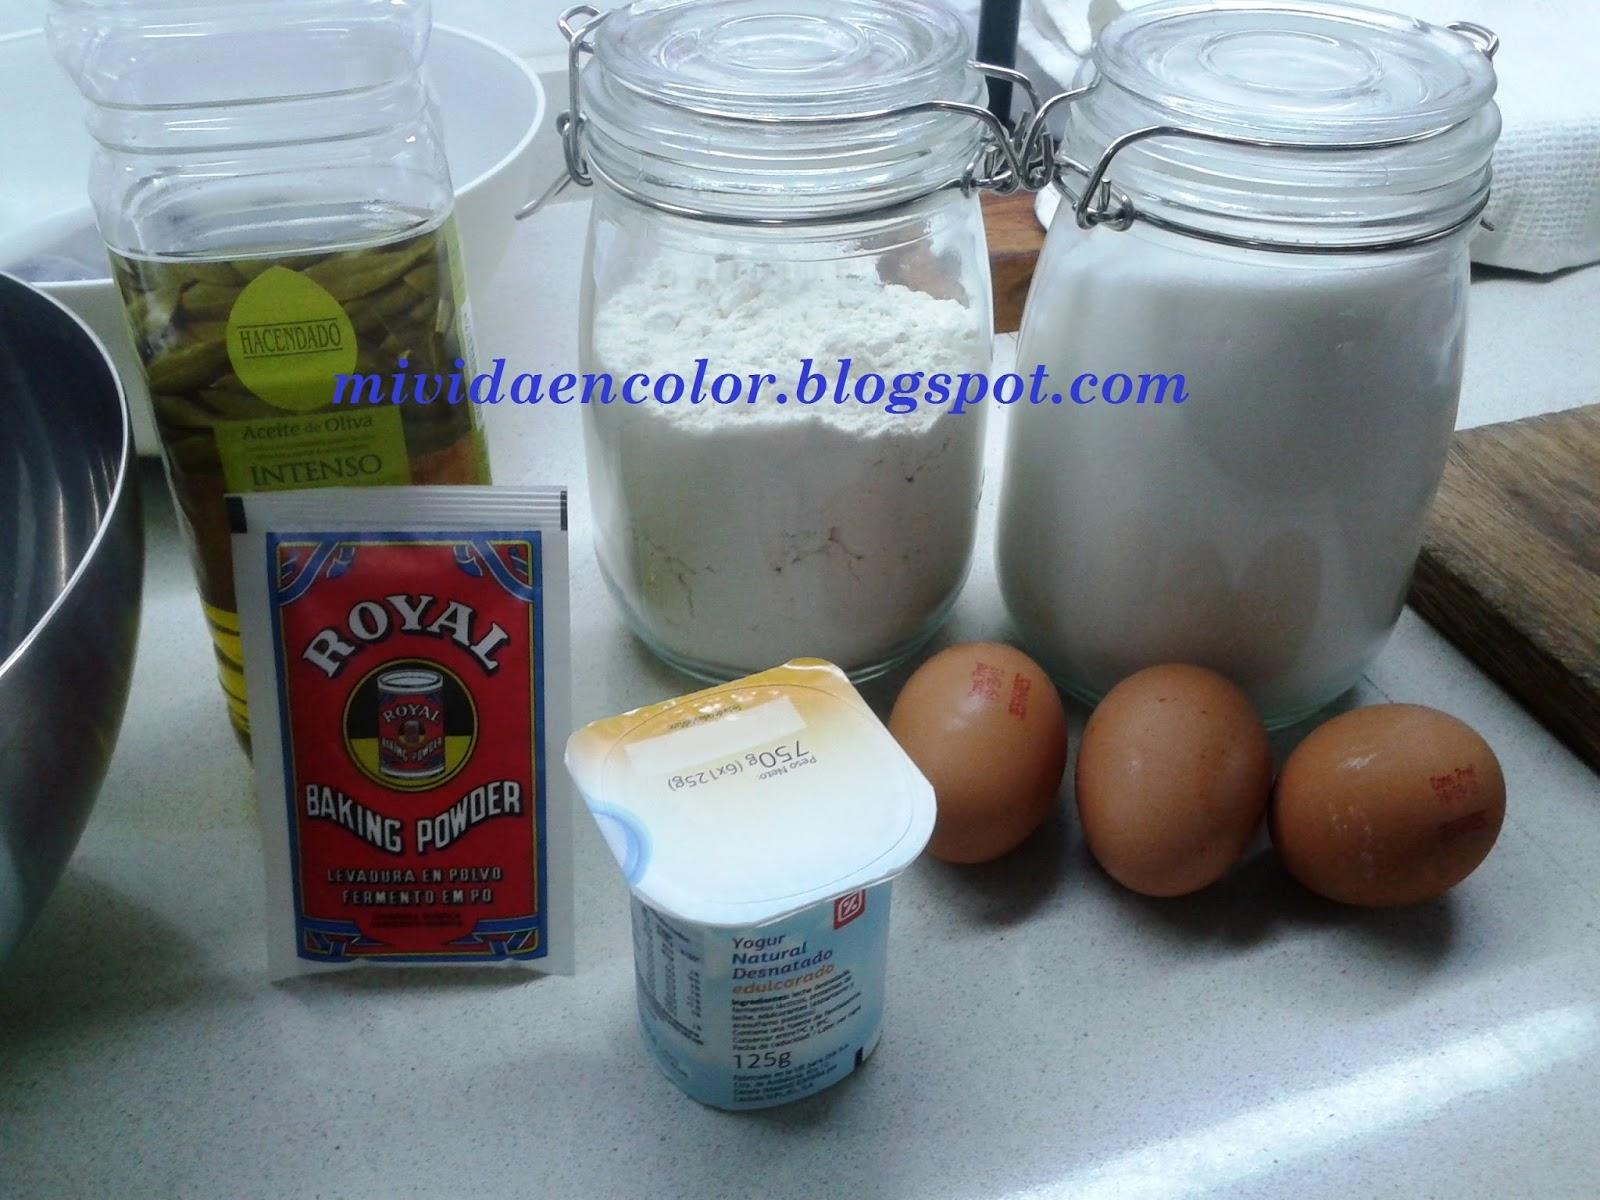 ¡Haz-química-comestible-conmigo!-blog-recetas- sencillas-rápidas-recetas-para-principiantes-cómo-hacer-un-bizcocho-casero-rápido-sencillo-y-fácil-ingredientes-necesarios